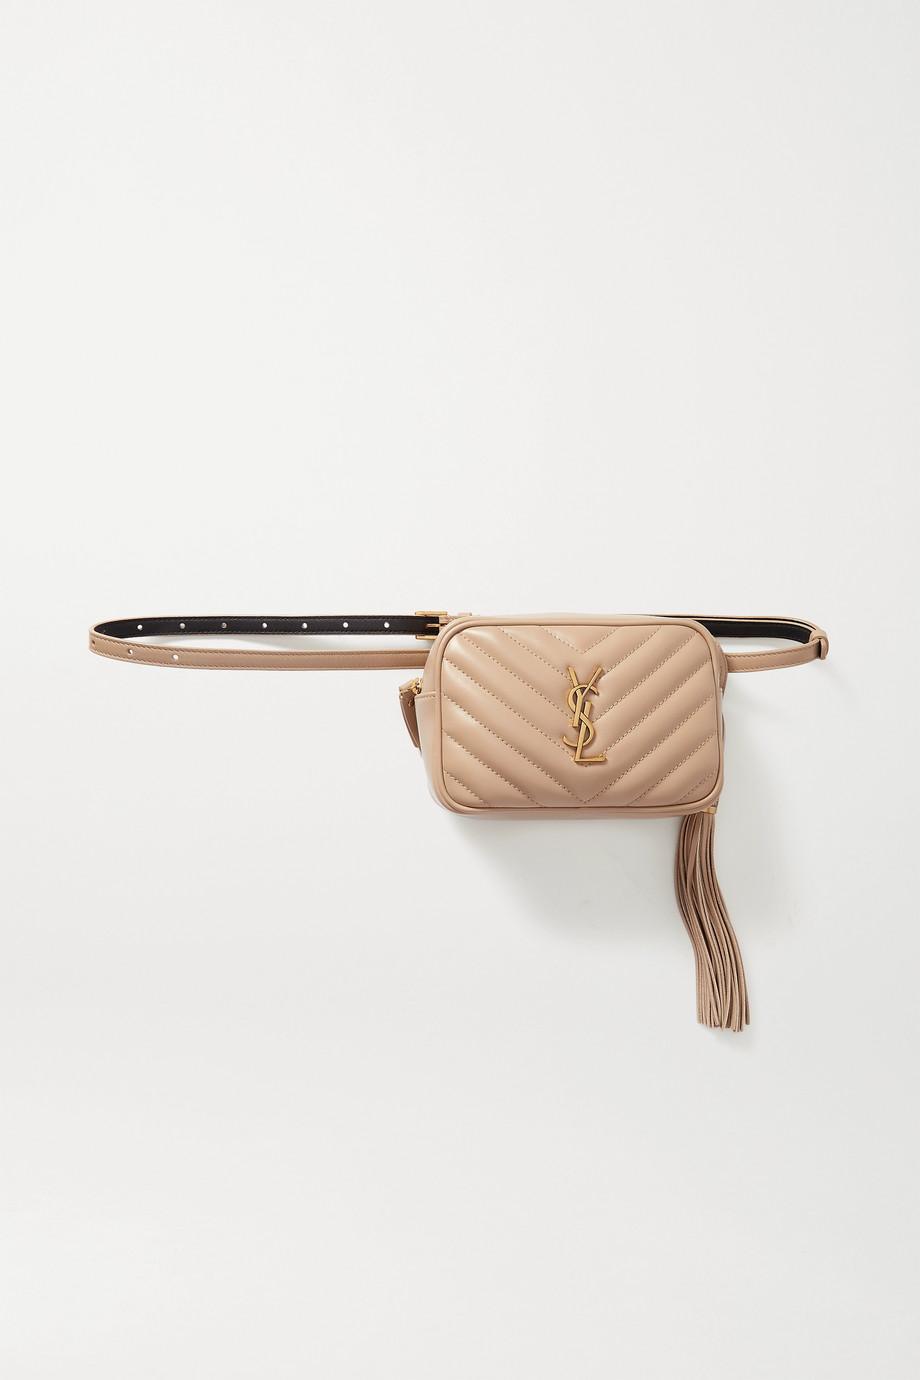 SAINT LAURENT Sac-ceinture en cuir matelassé Lou